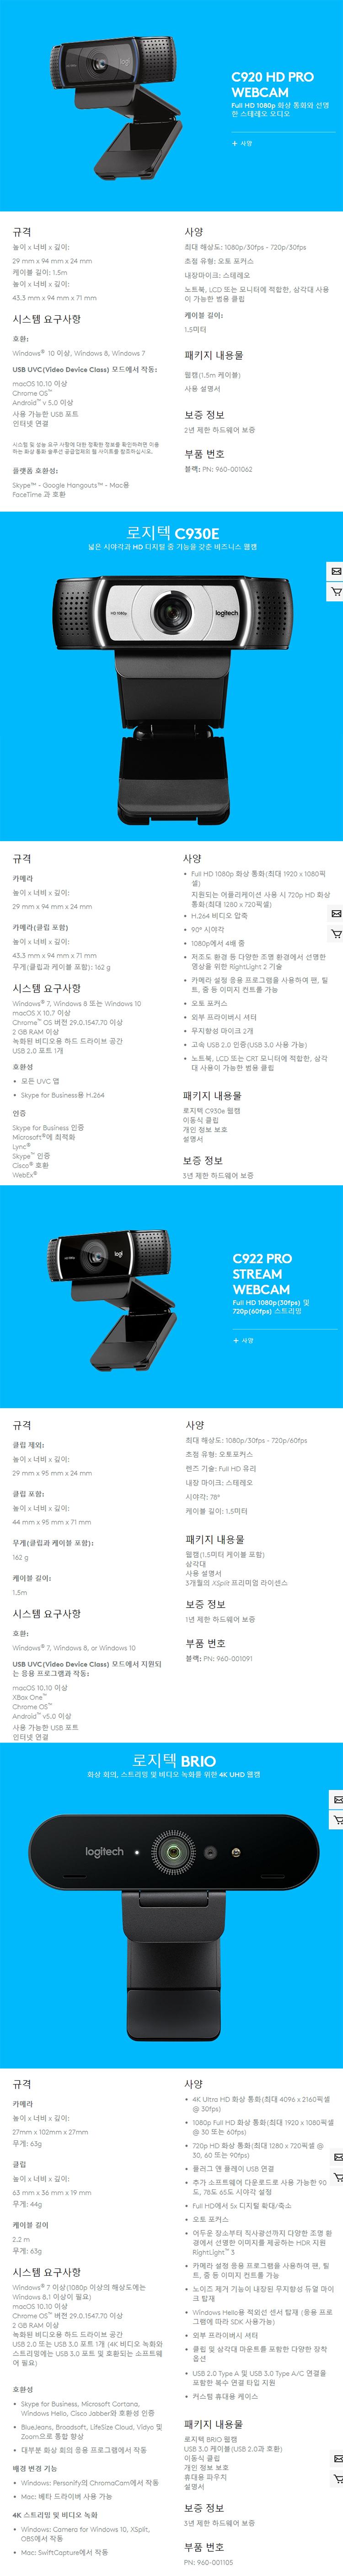 Logitech 4K HD Pro Webcam 5x Zoom /c930e/c922 c920 - 11STREET